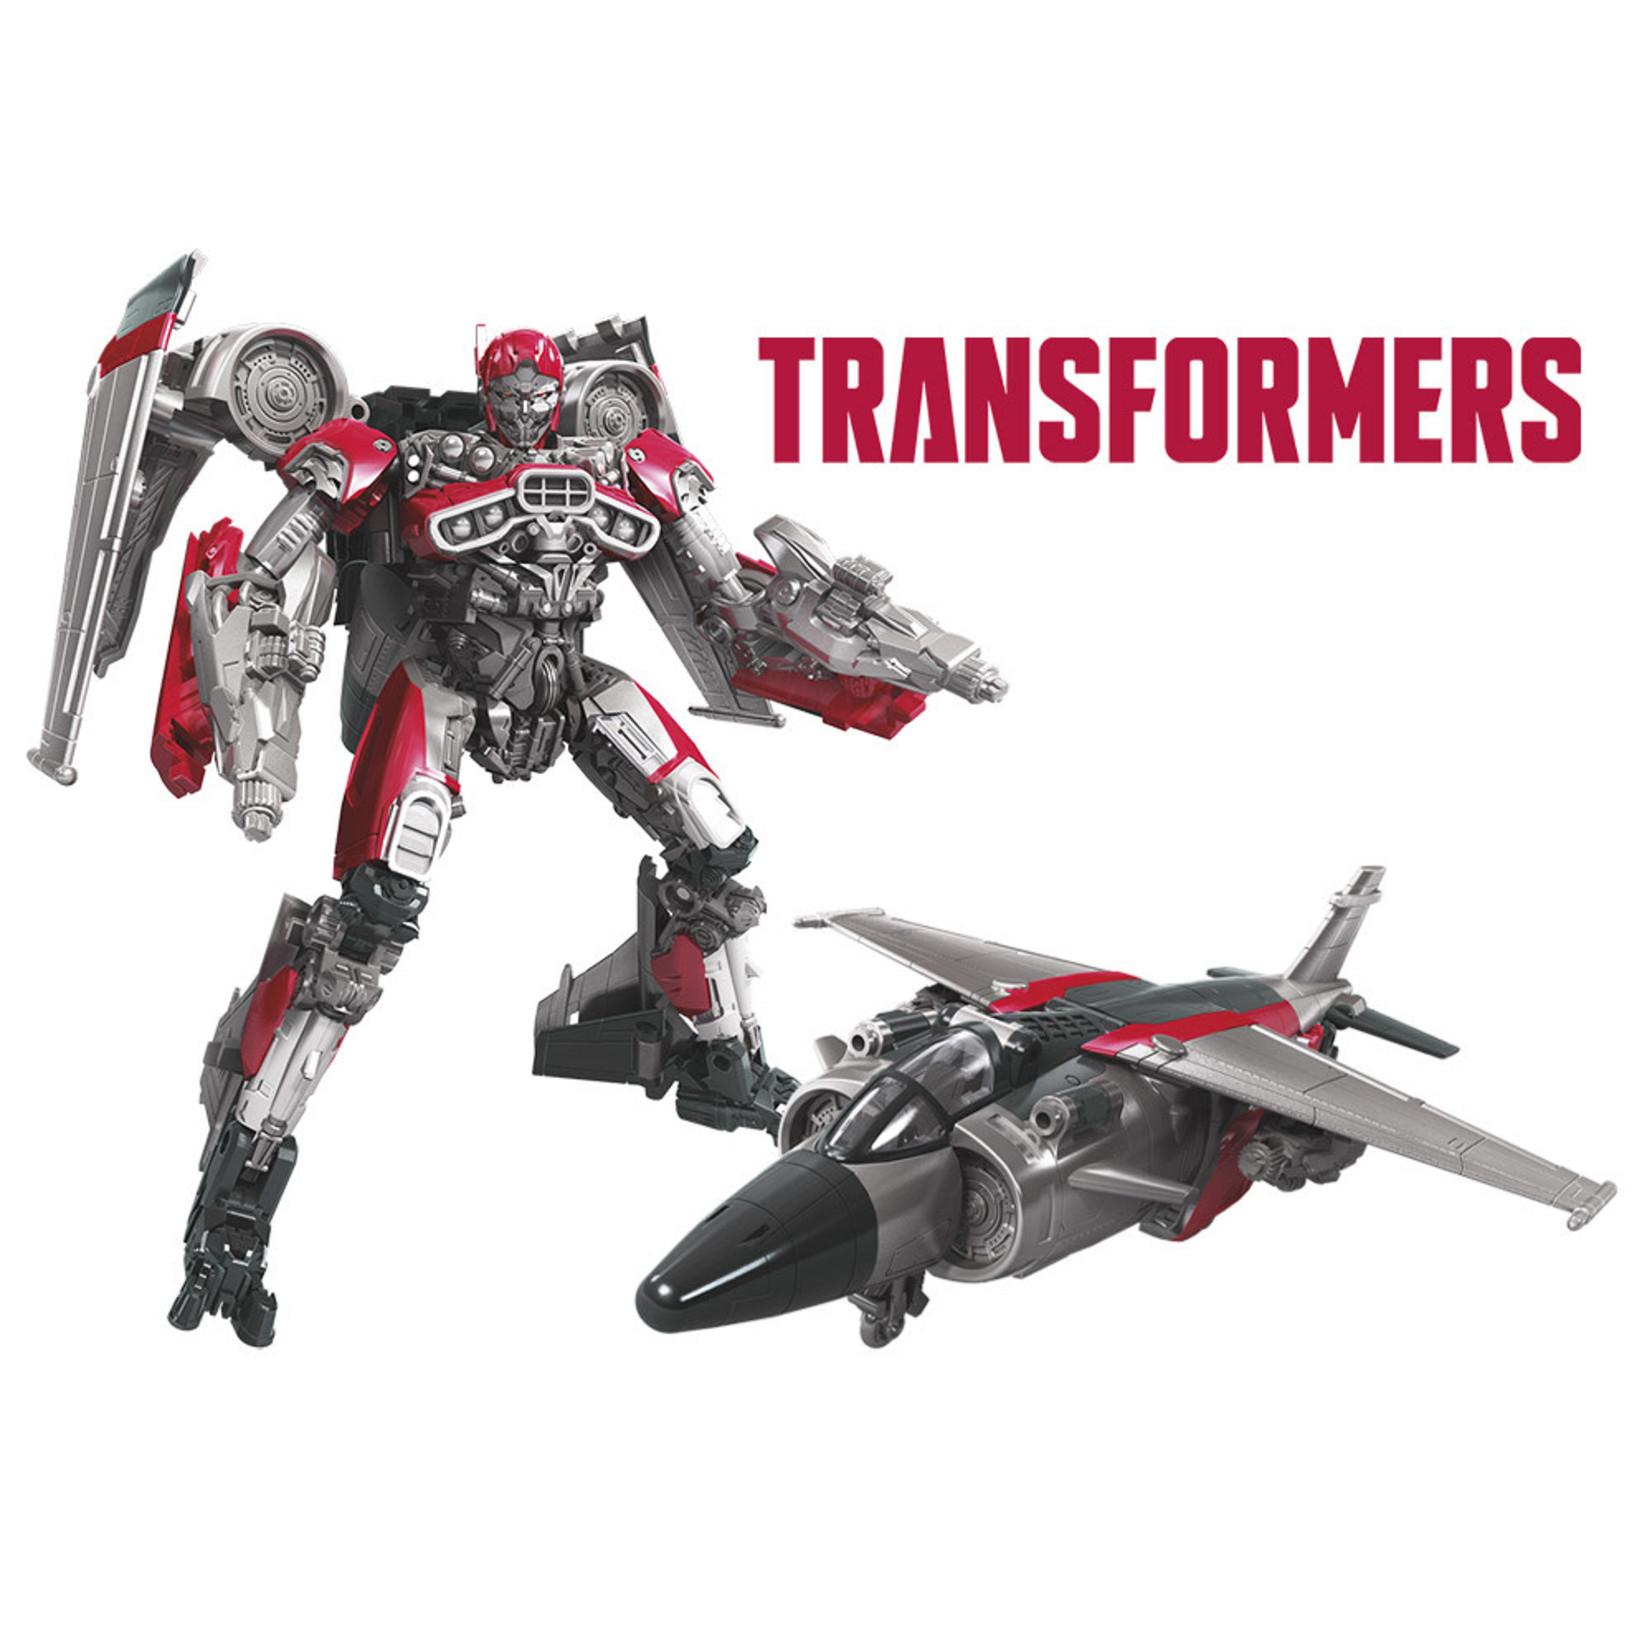 Hasbro Transformers Studio Series Deluxe Class Shatter